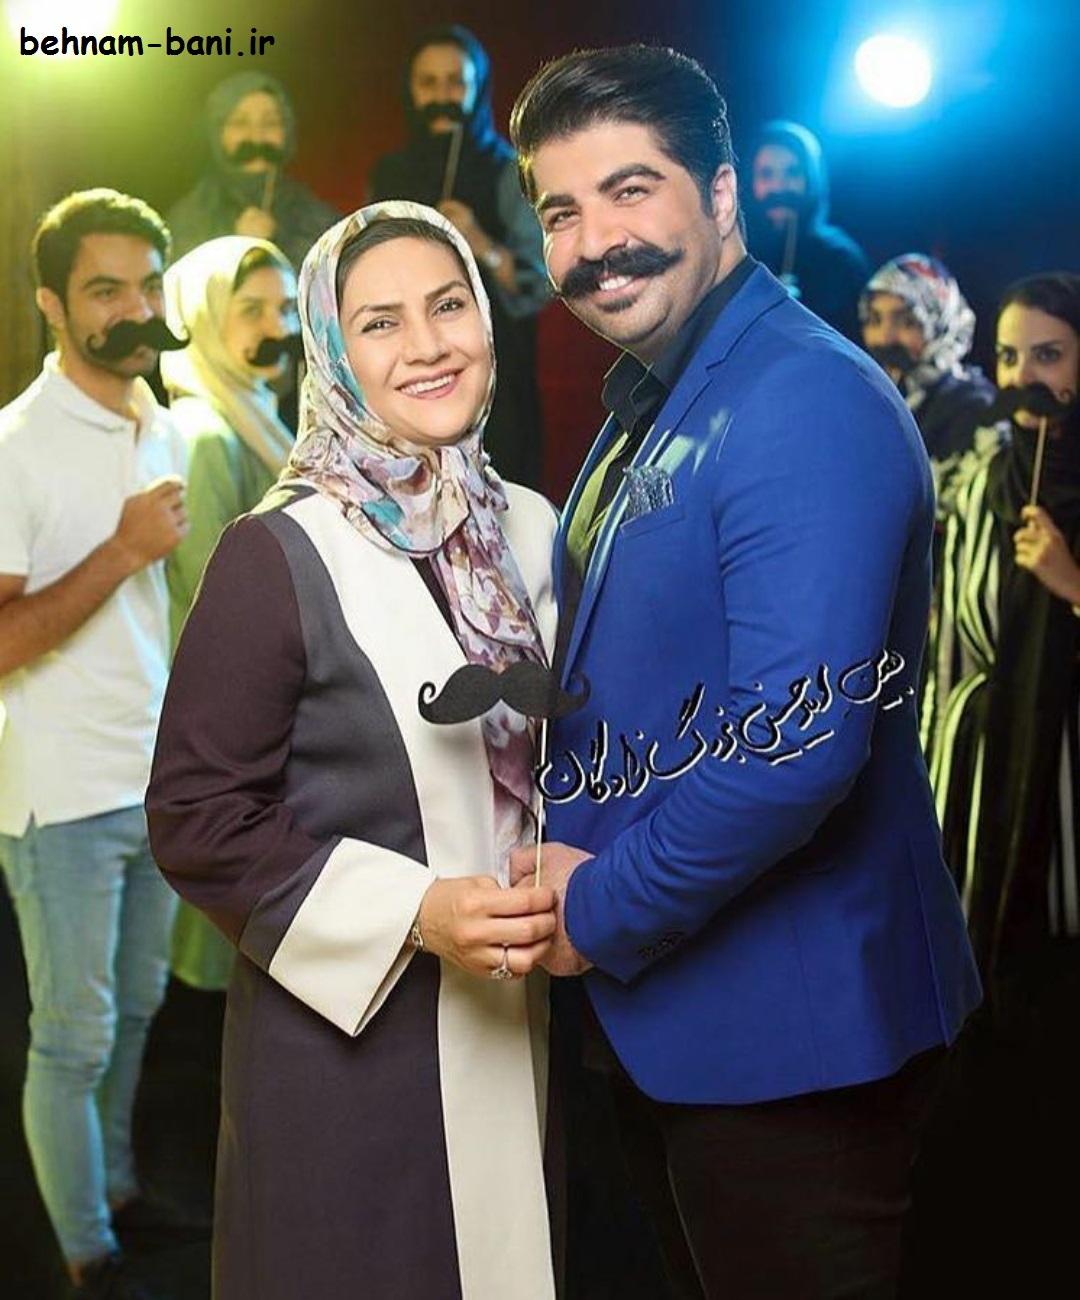 جشن تولد بهنام بانی در برج میلاد تهران + عکس فیلم